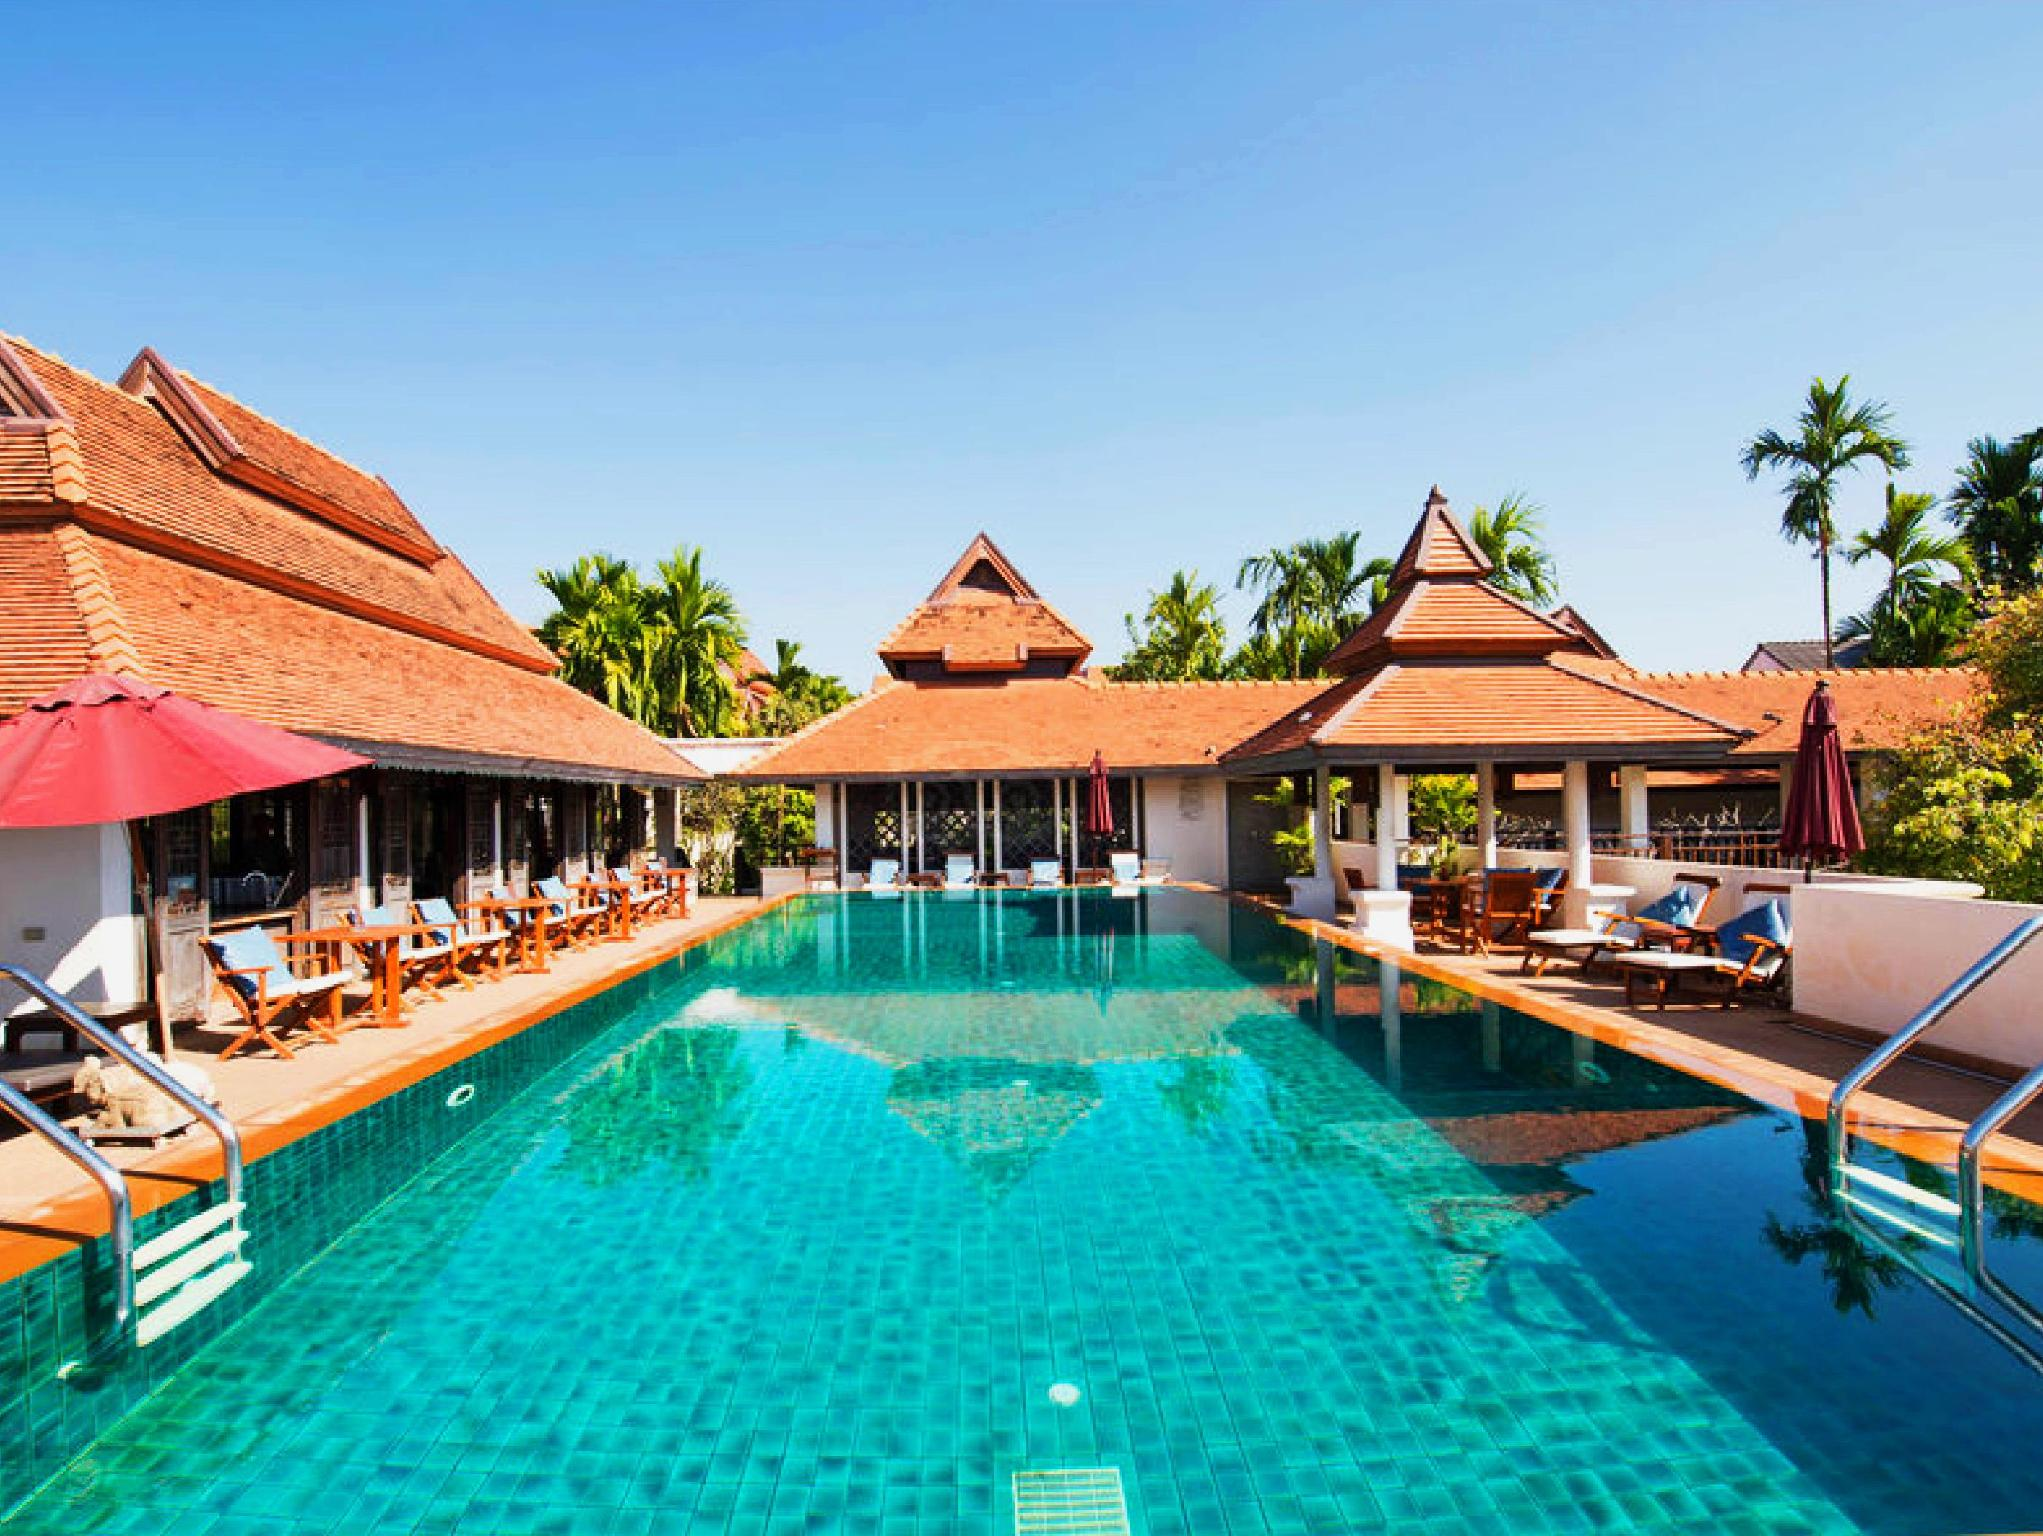 Hotell Bodhi Serene Chiang Mai Hotel i , Chiang Mai. Klicka för att läsa mer och skicka bokningsförfrågan